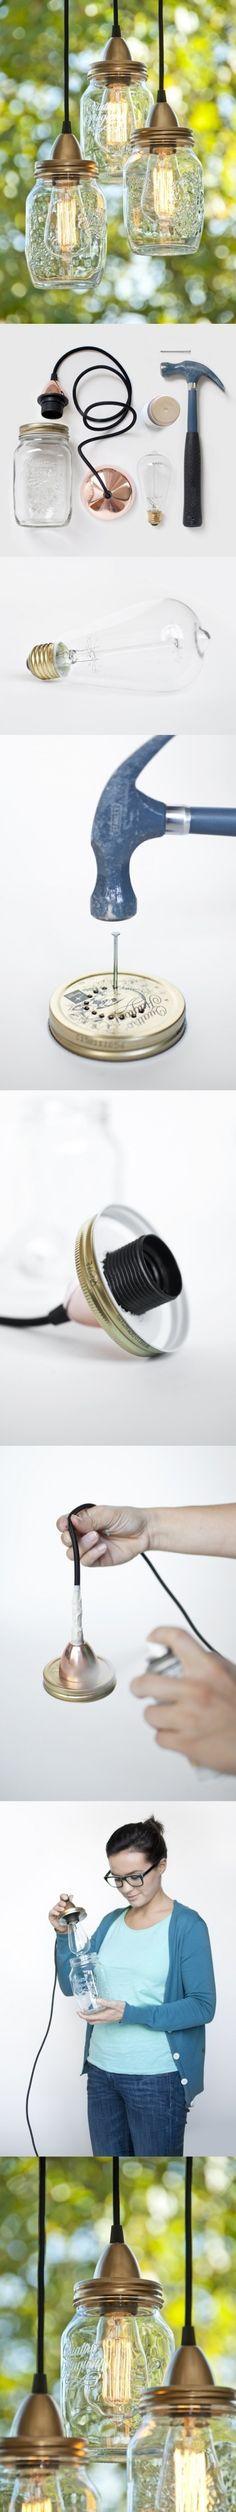 Interieurideeën | Zelfmaak lamp van een glazen pot Door monic.vanhelvoirt